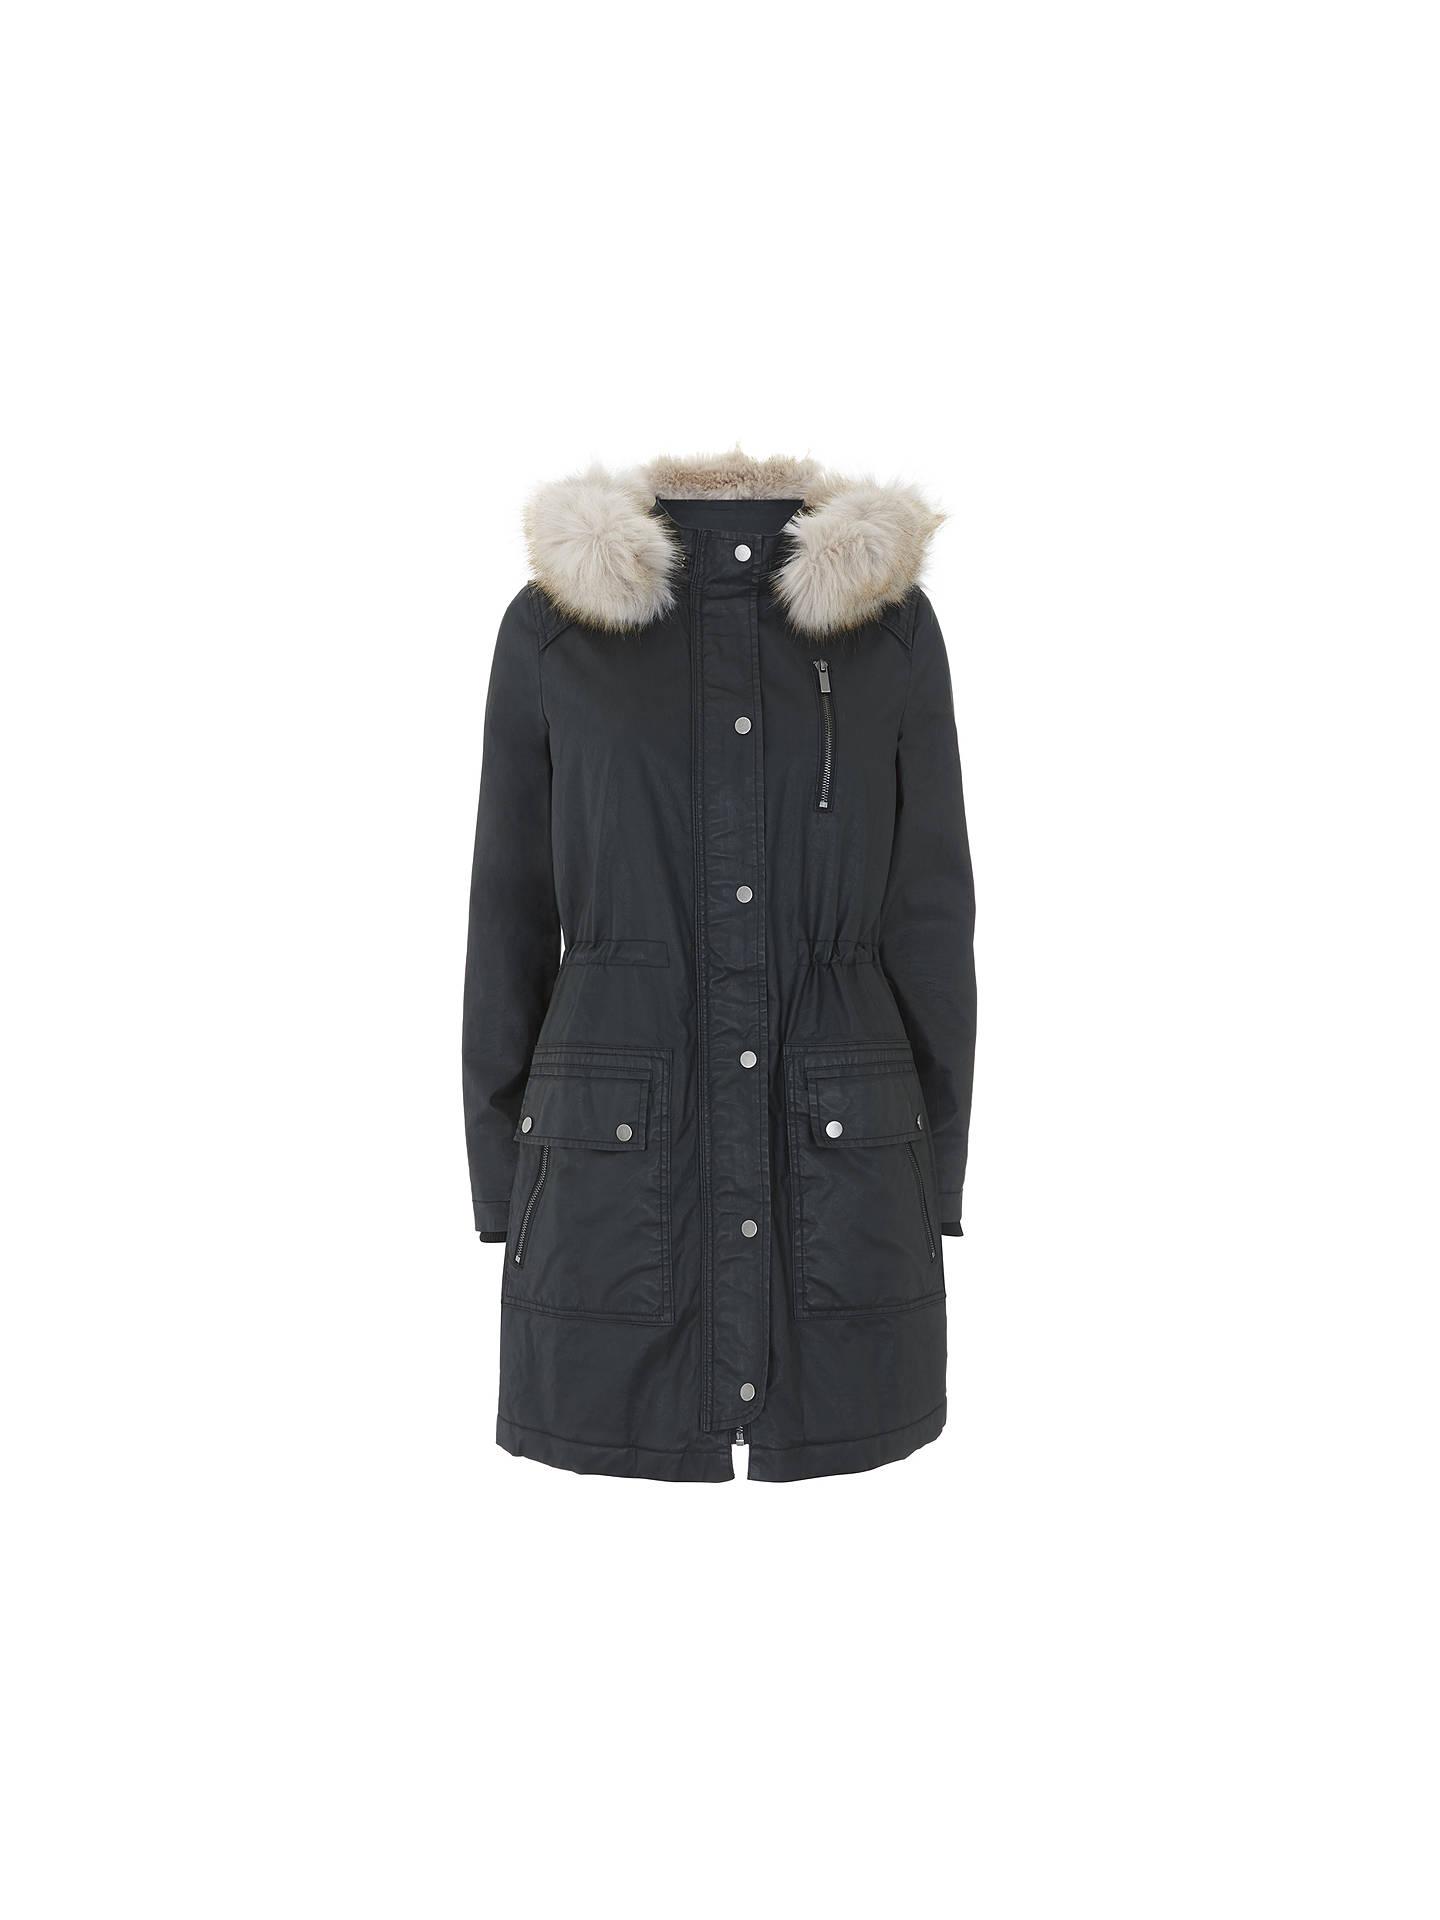 wholesale outlet cheaper promo codes Mint Velvet Waxed Faux Fur Parka, Black at John Lewis & Partners